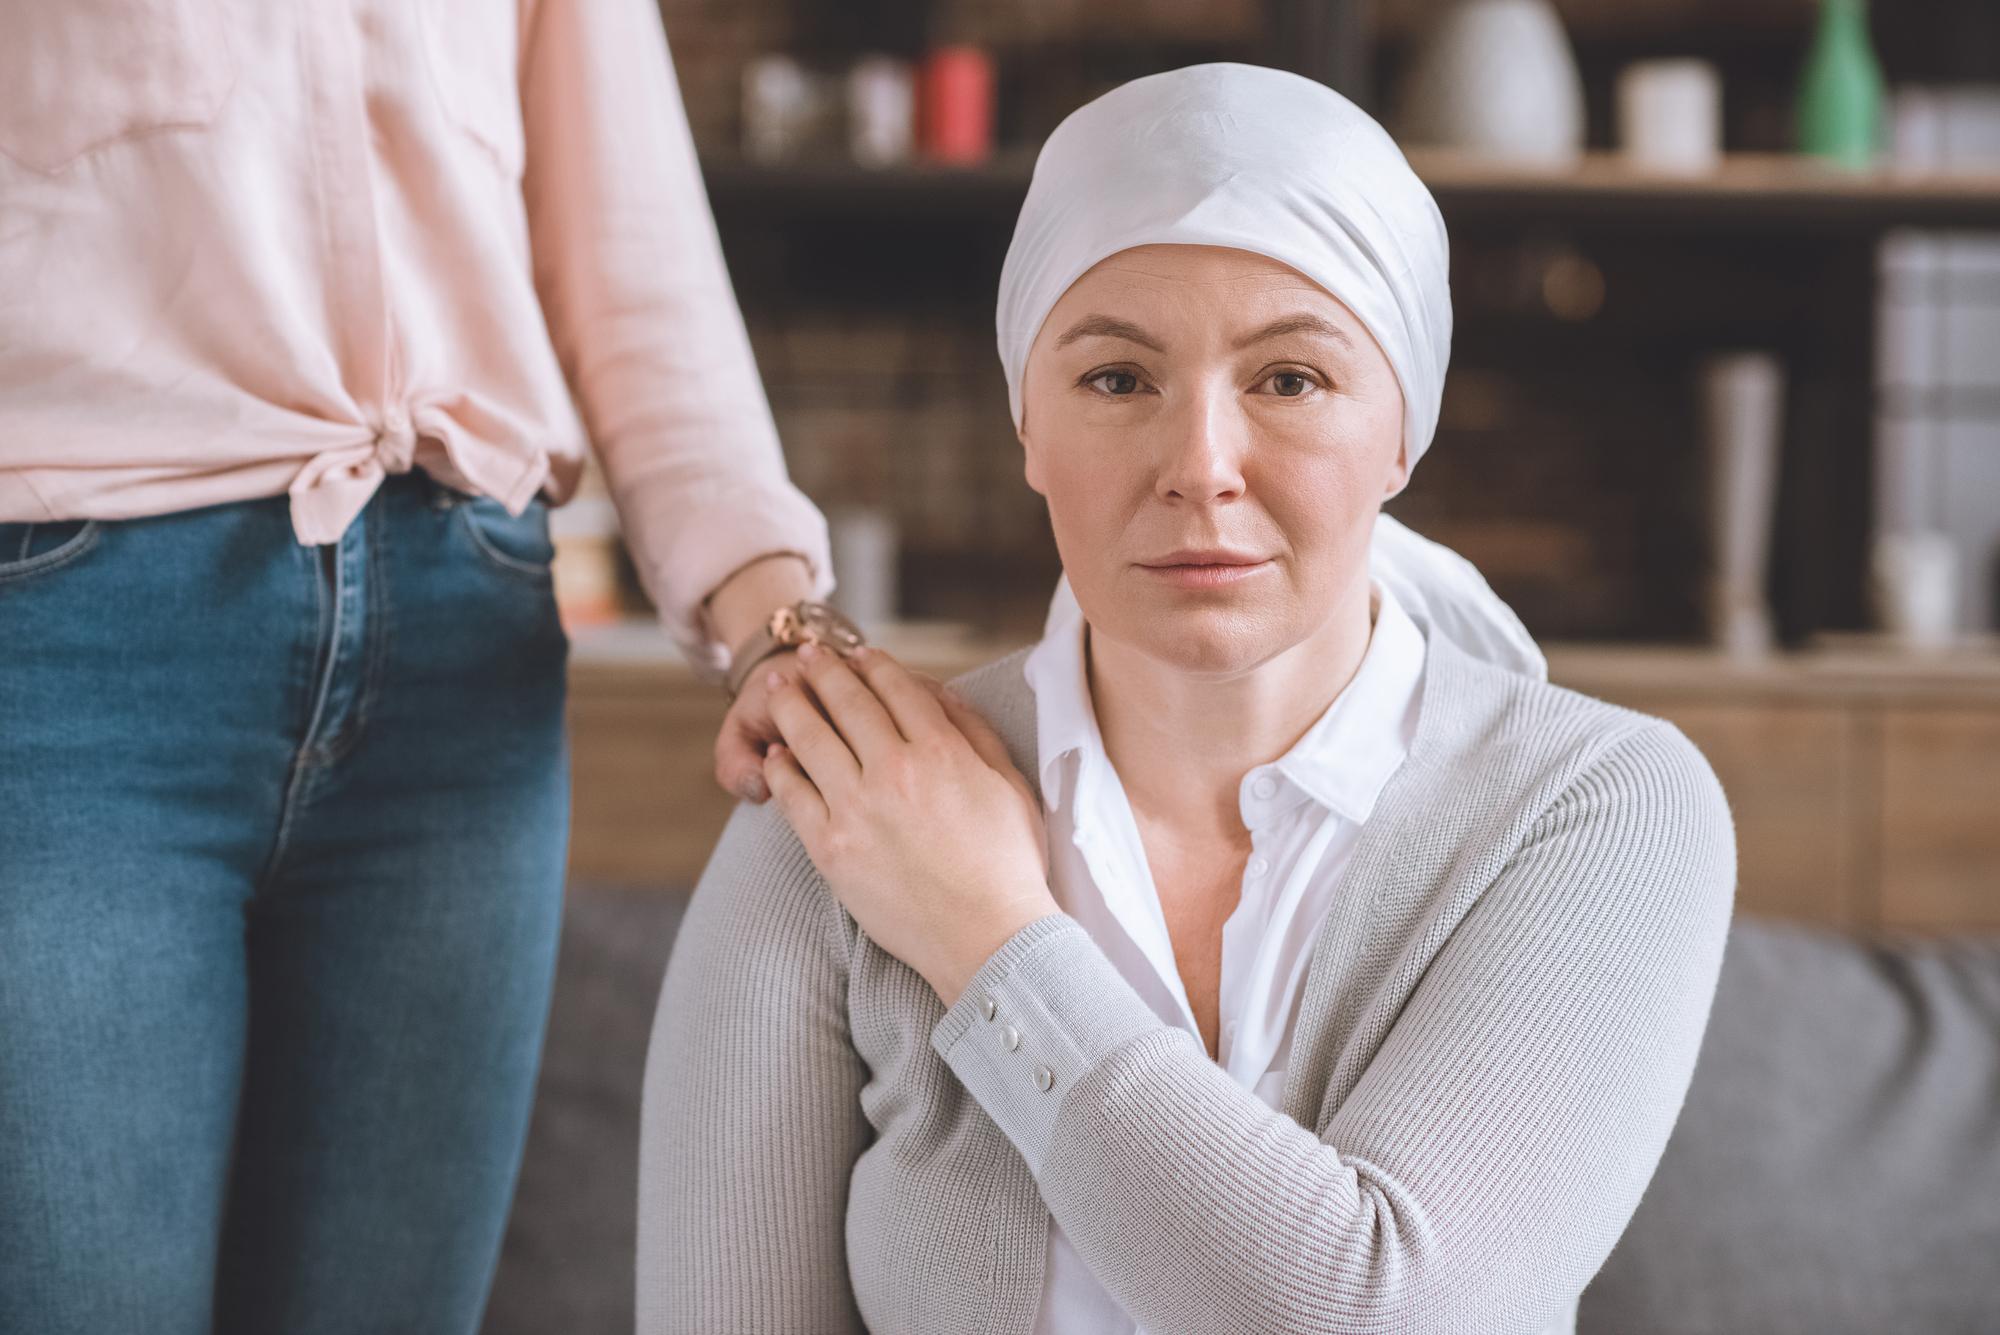 Всемирный день борьбы против рака: 6 мифов о раке, в которые не стоит верить